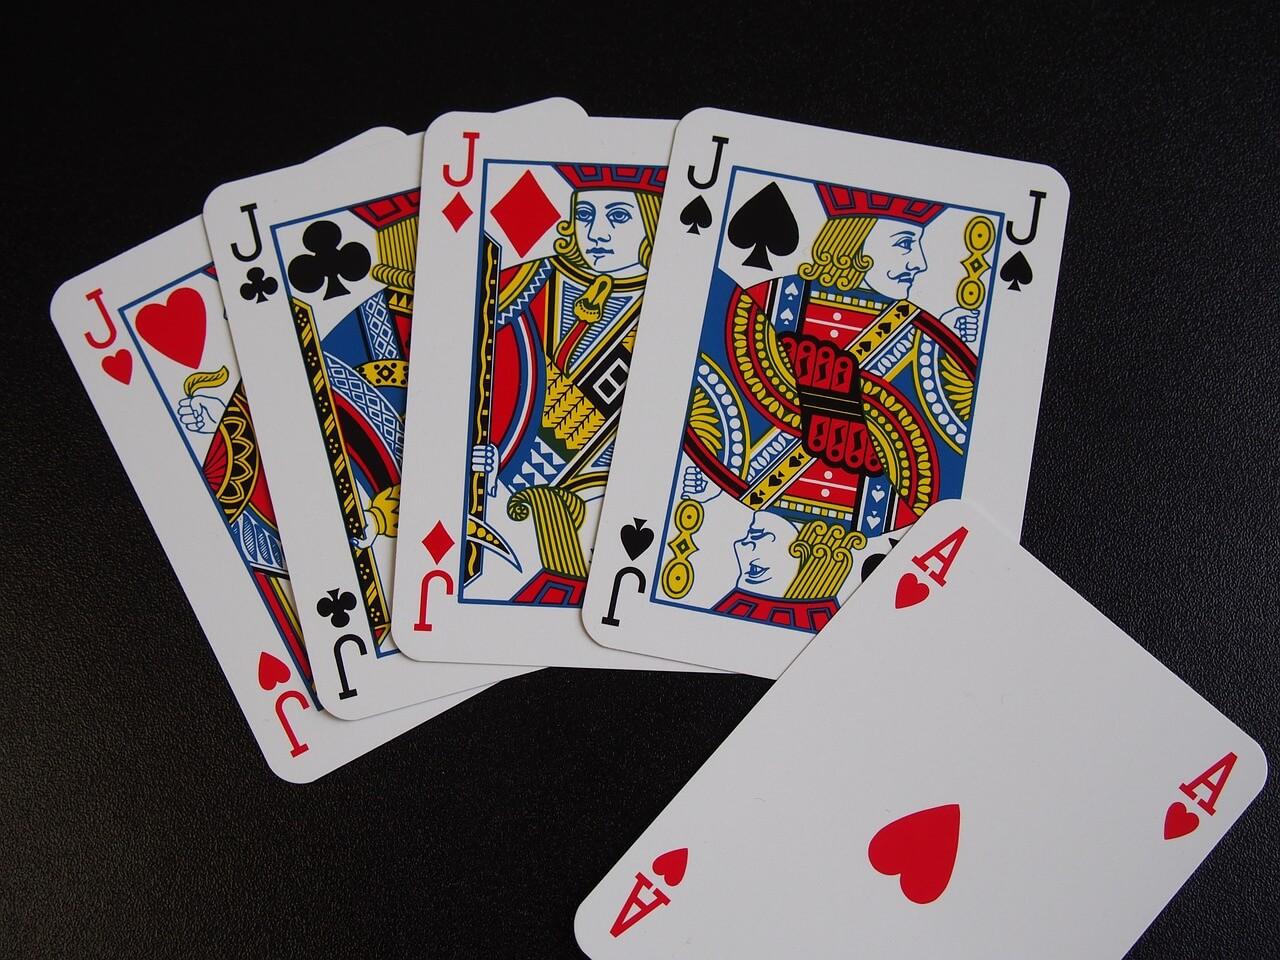 Poker Begriffe Spielautomaten - 912676